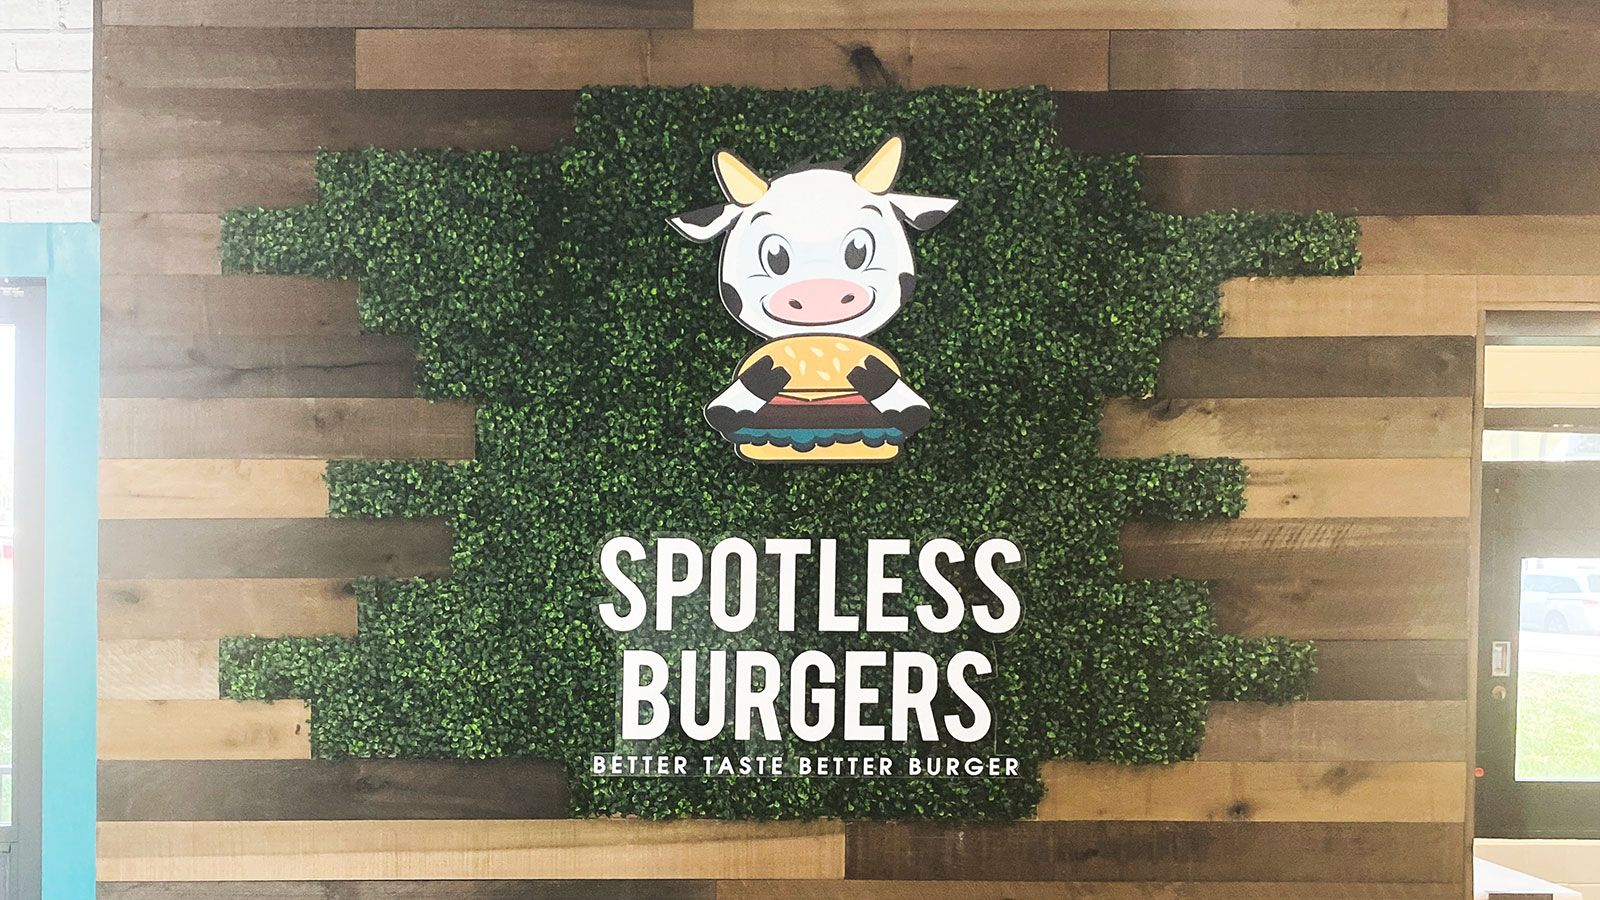 Spotless burgers PVC sign